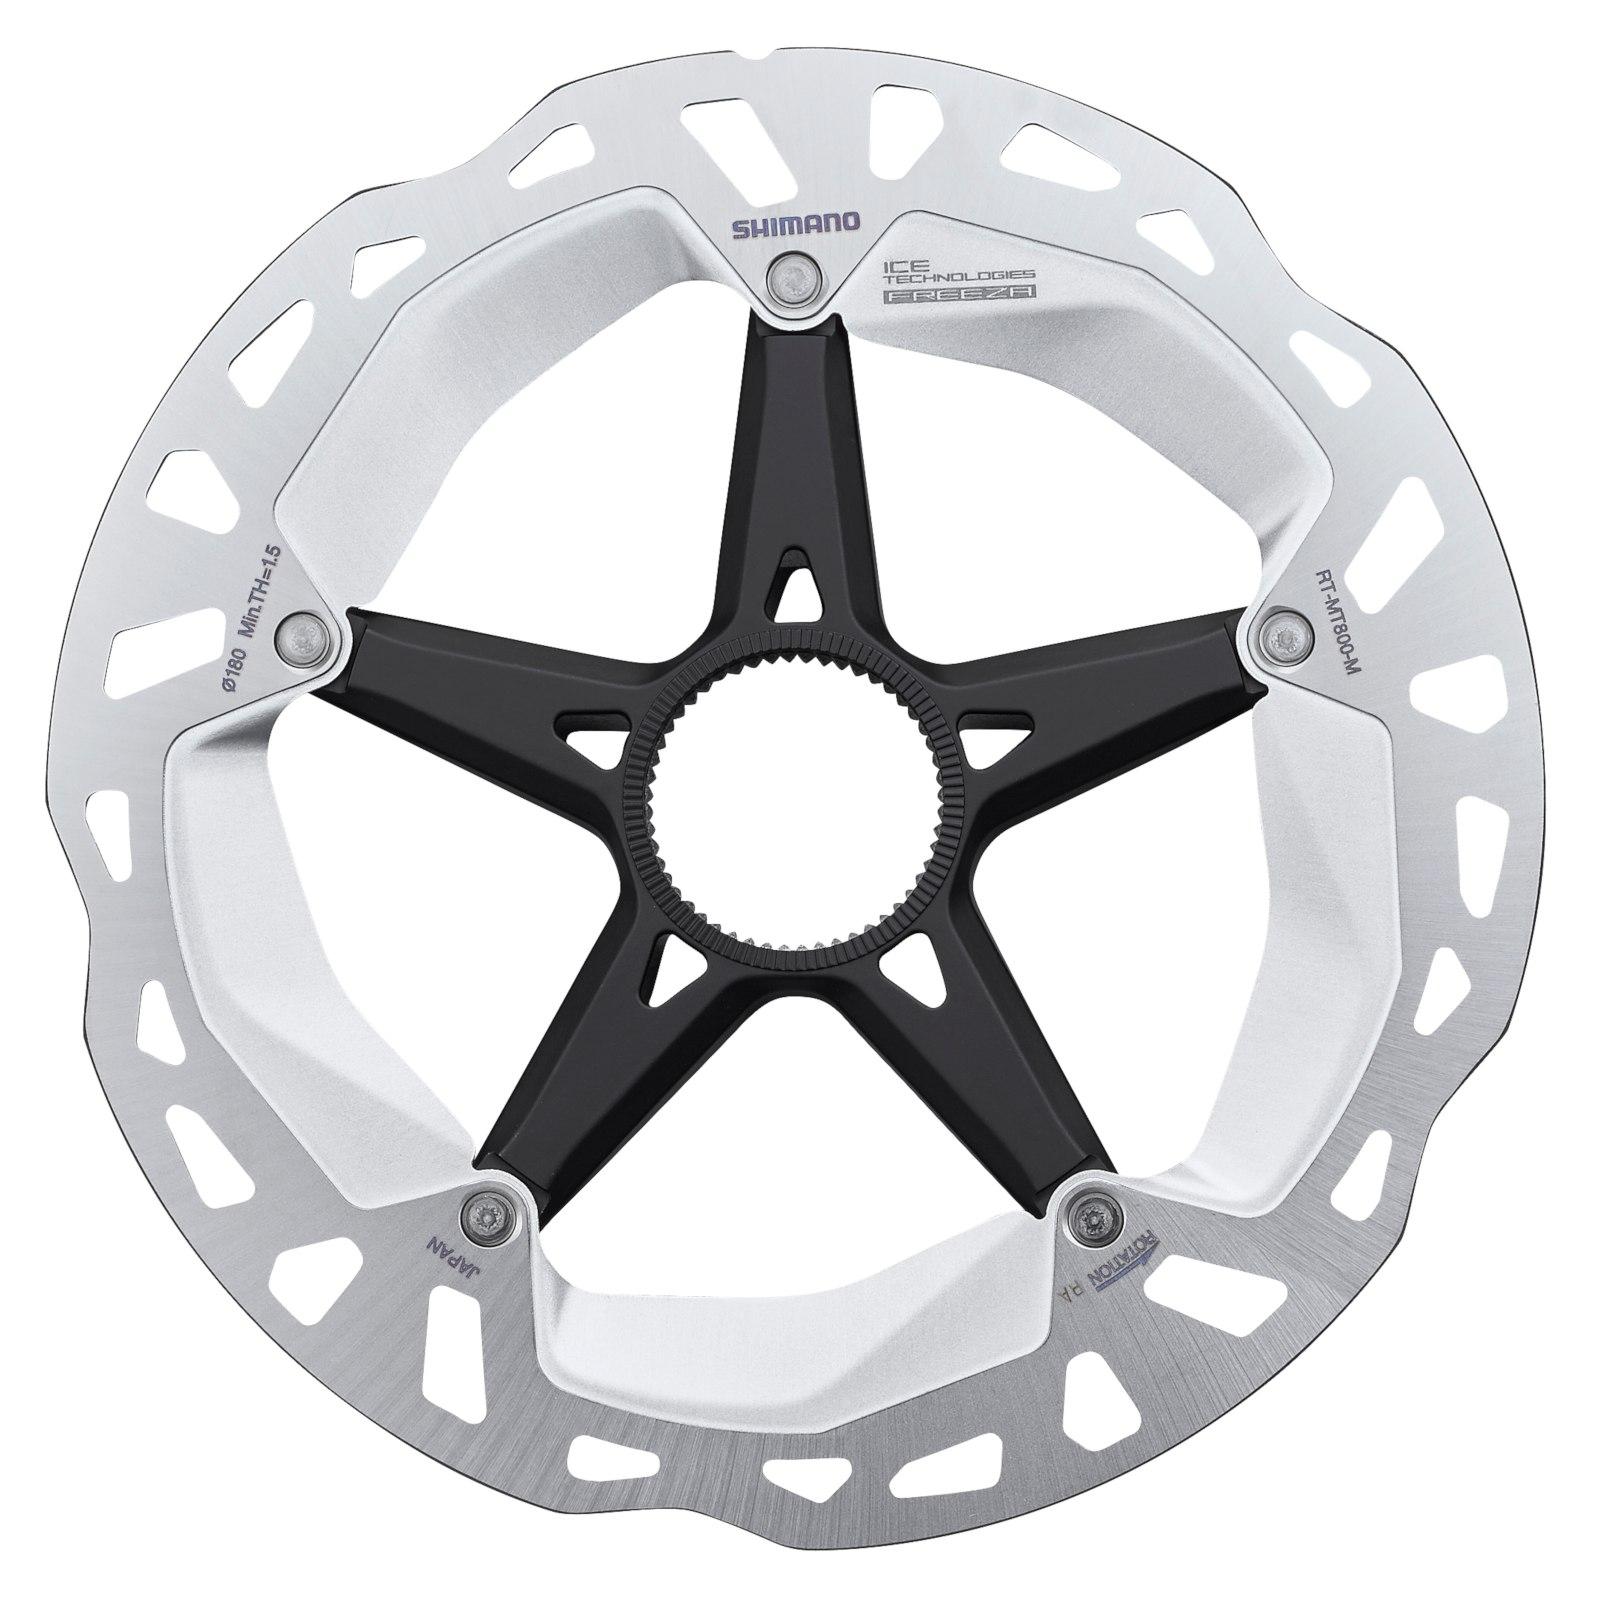 Produktbild von Shimano Deore XT RT-MT800 Ice-Tech Freeza Bremsscheibe Centerlock